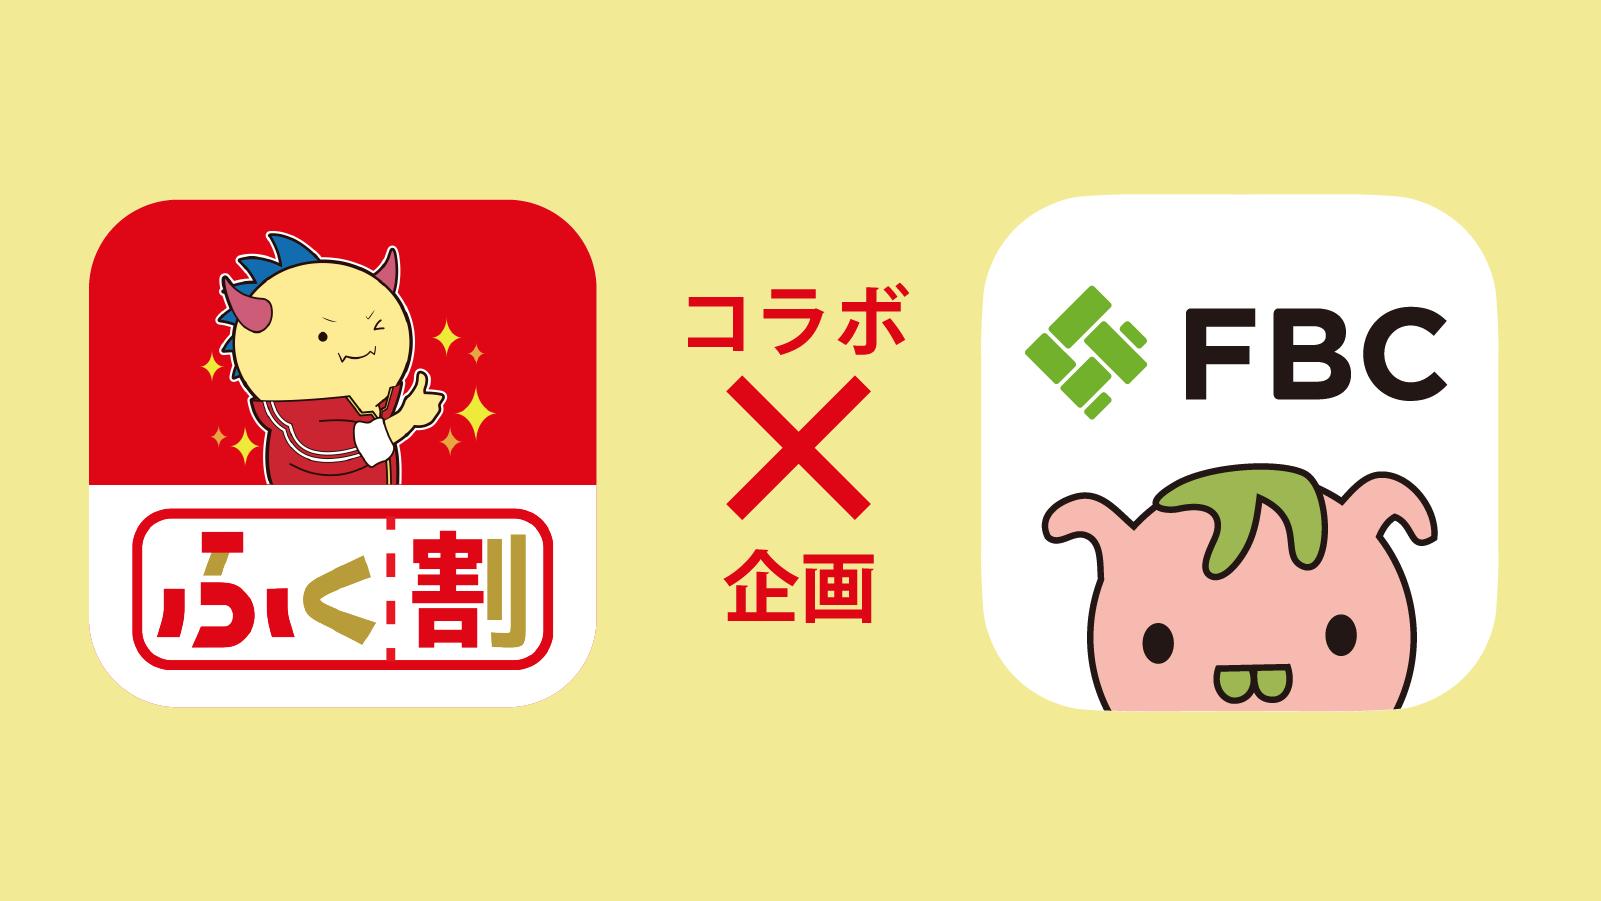 ふく割アプリ×FBCアプリ コラボ企画